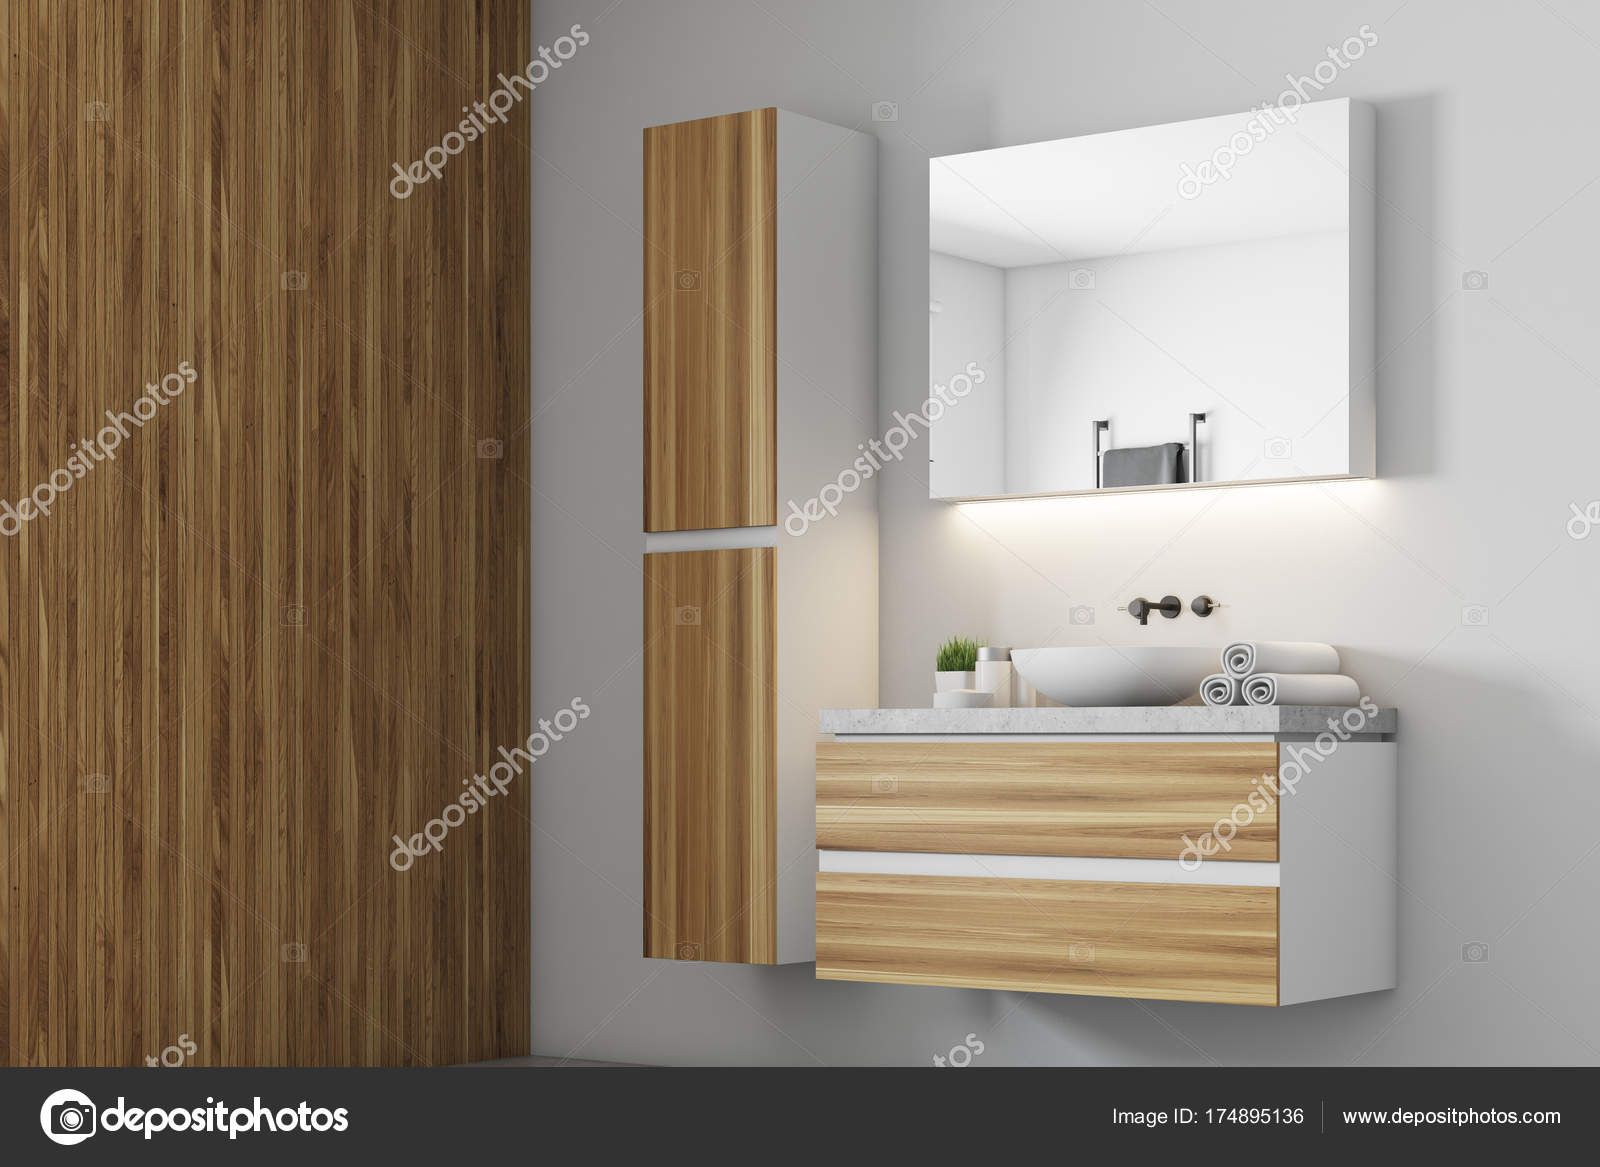 Weisse Badezimmer Waschbecken Aus Holz Dekoration Seite Stockfoto